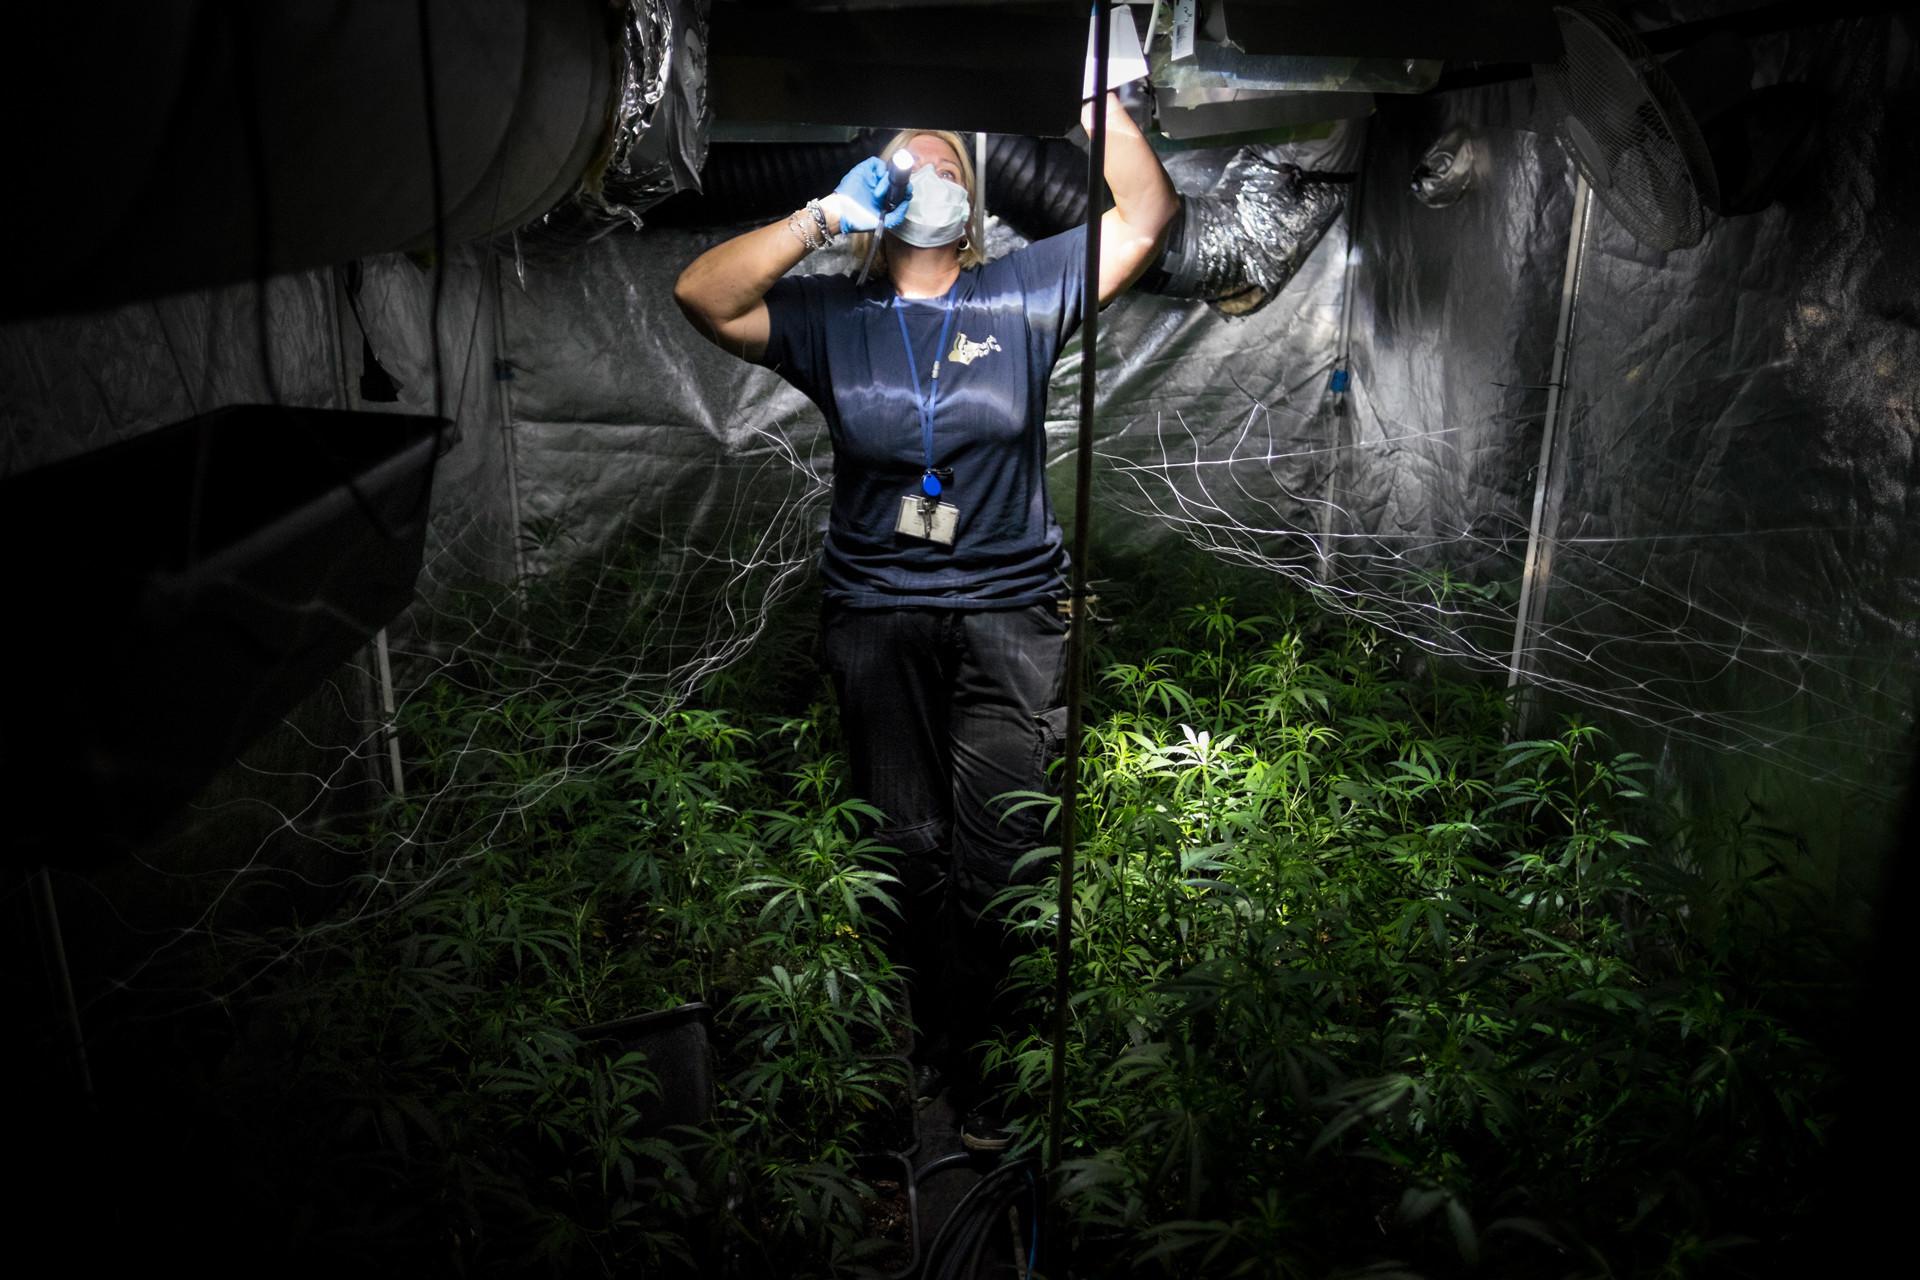 De politie rolt een wiet plantage in een woonhuis op. Hierbij worden DNA en vingerafdrukken veilig gesteld. Foto: David van Dam